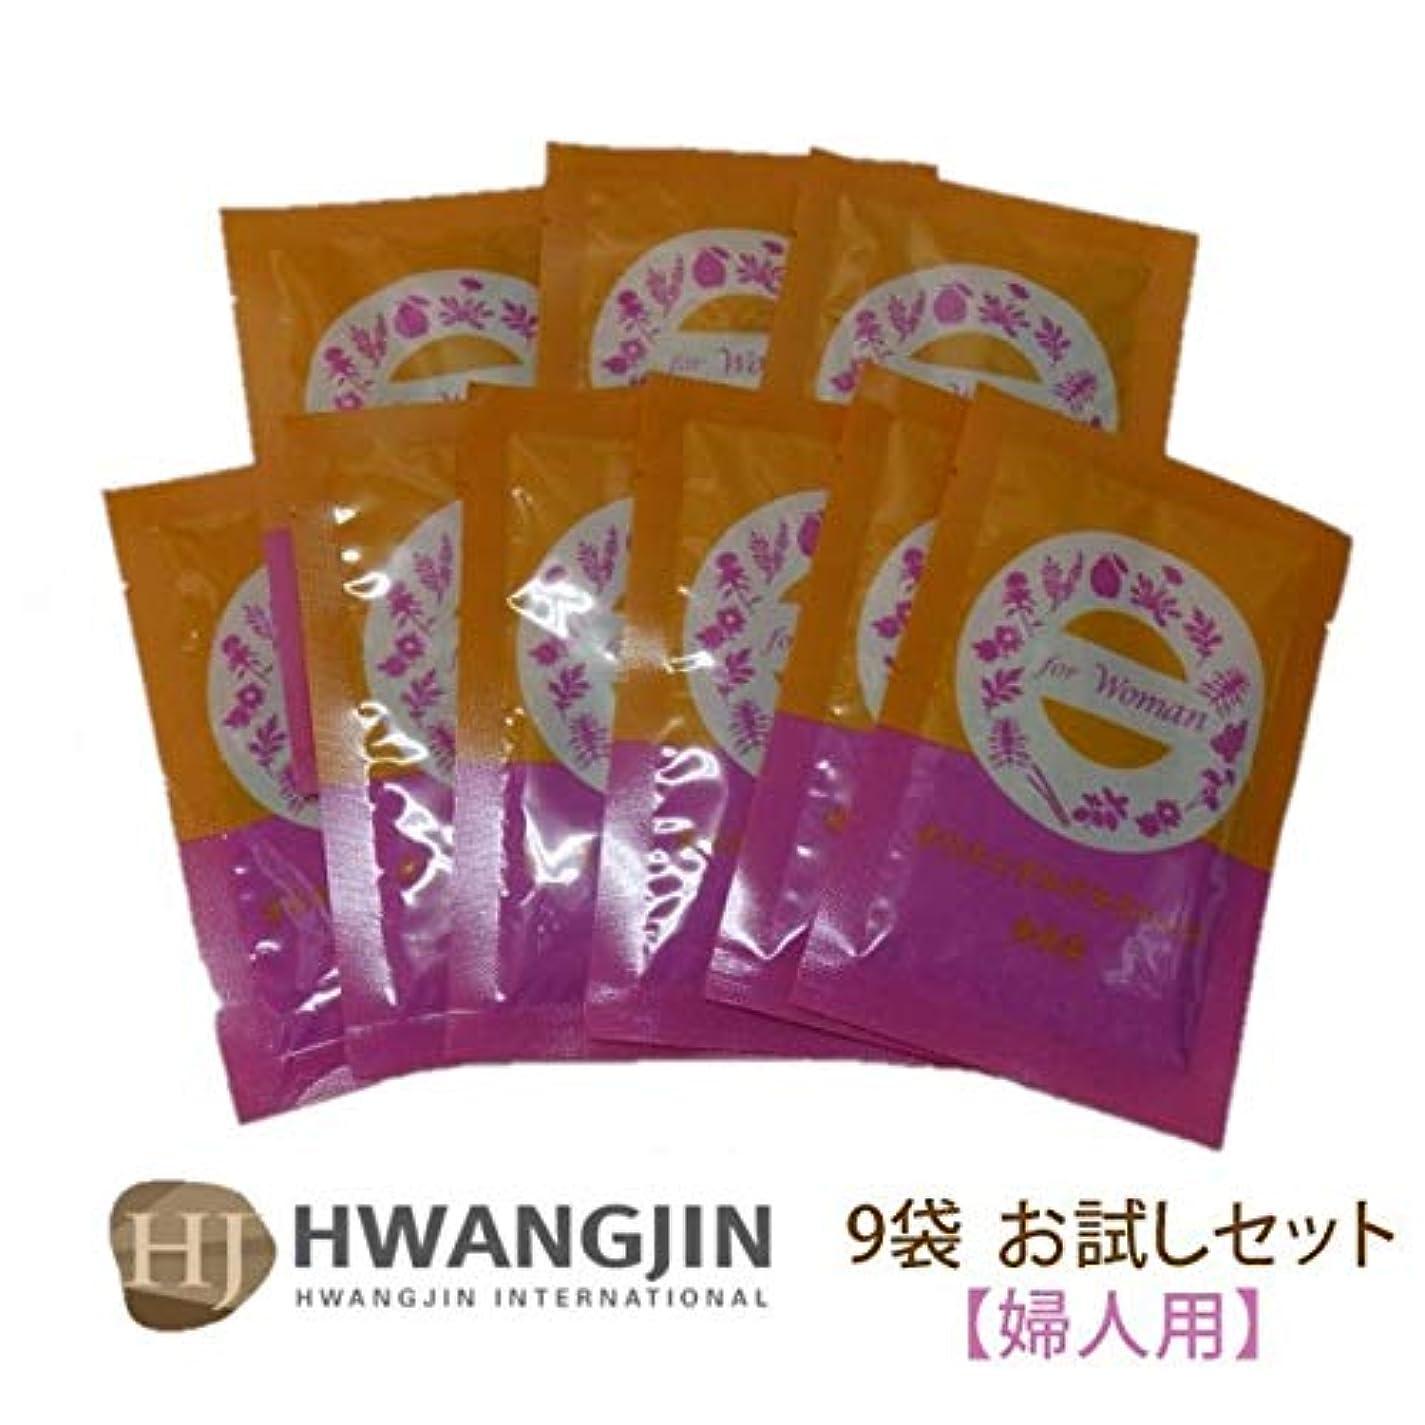 量で疲労ダイアクリティカルファンジン黄土 座浴剤 9袋 正規品 (Woman (女性用) 9袋)